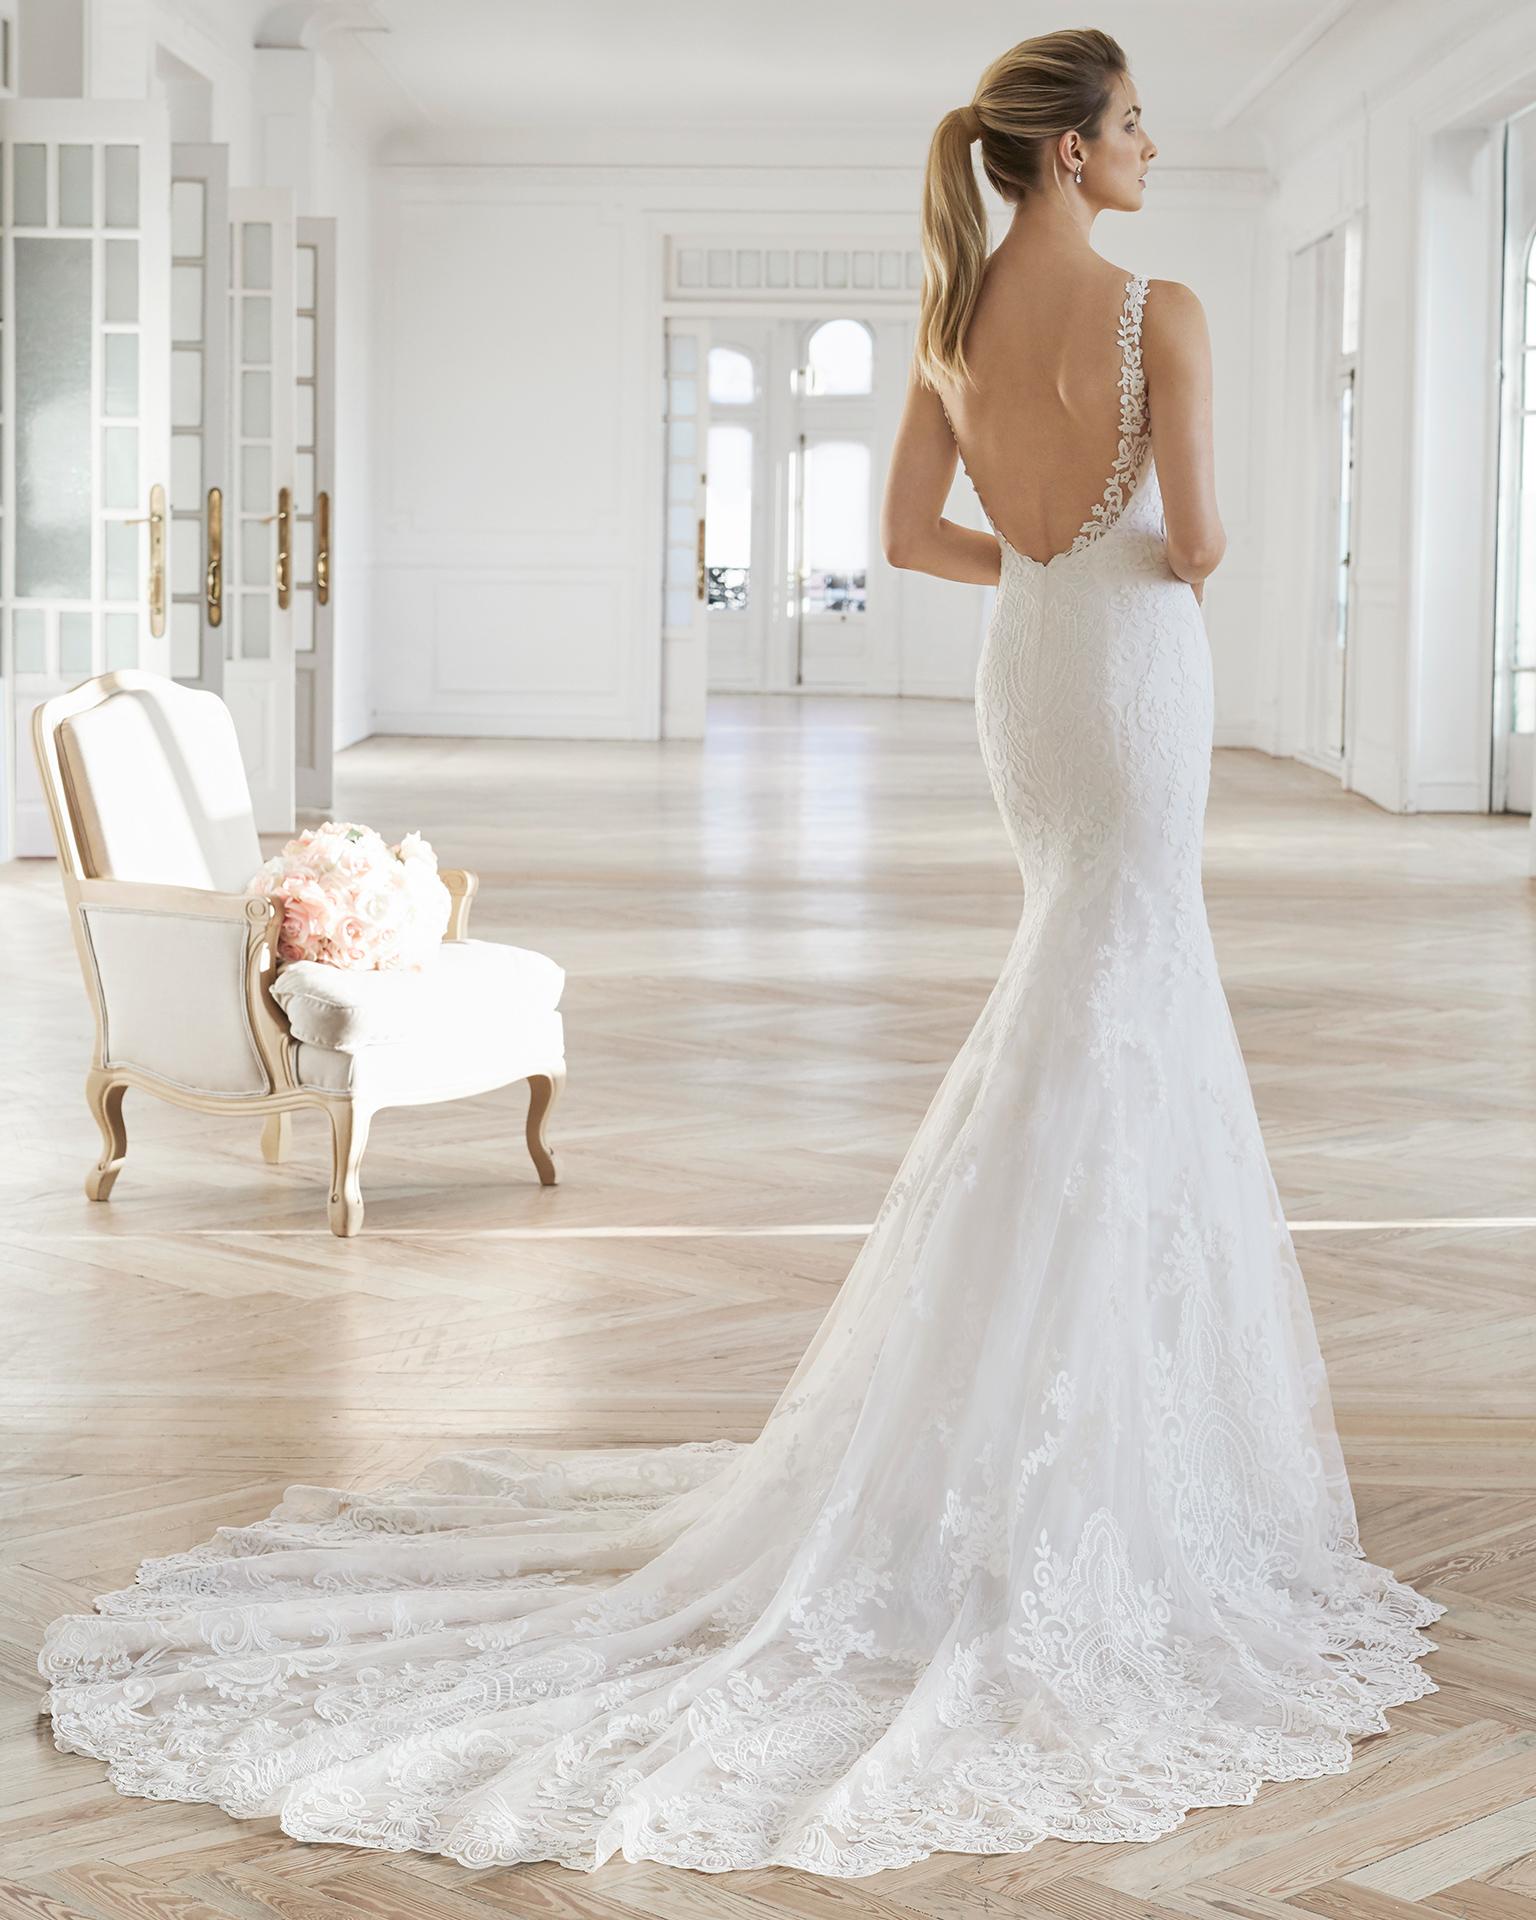 Robe de mariée coupe sirène en dentelle. Col en V et décolleté dans le dos. Disponible en couleur naturelle. Collection AIRE BARCELONA 2019.